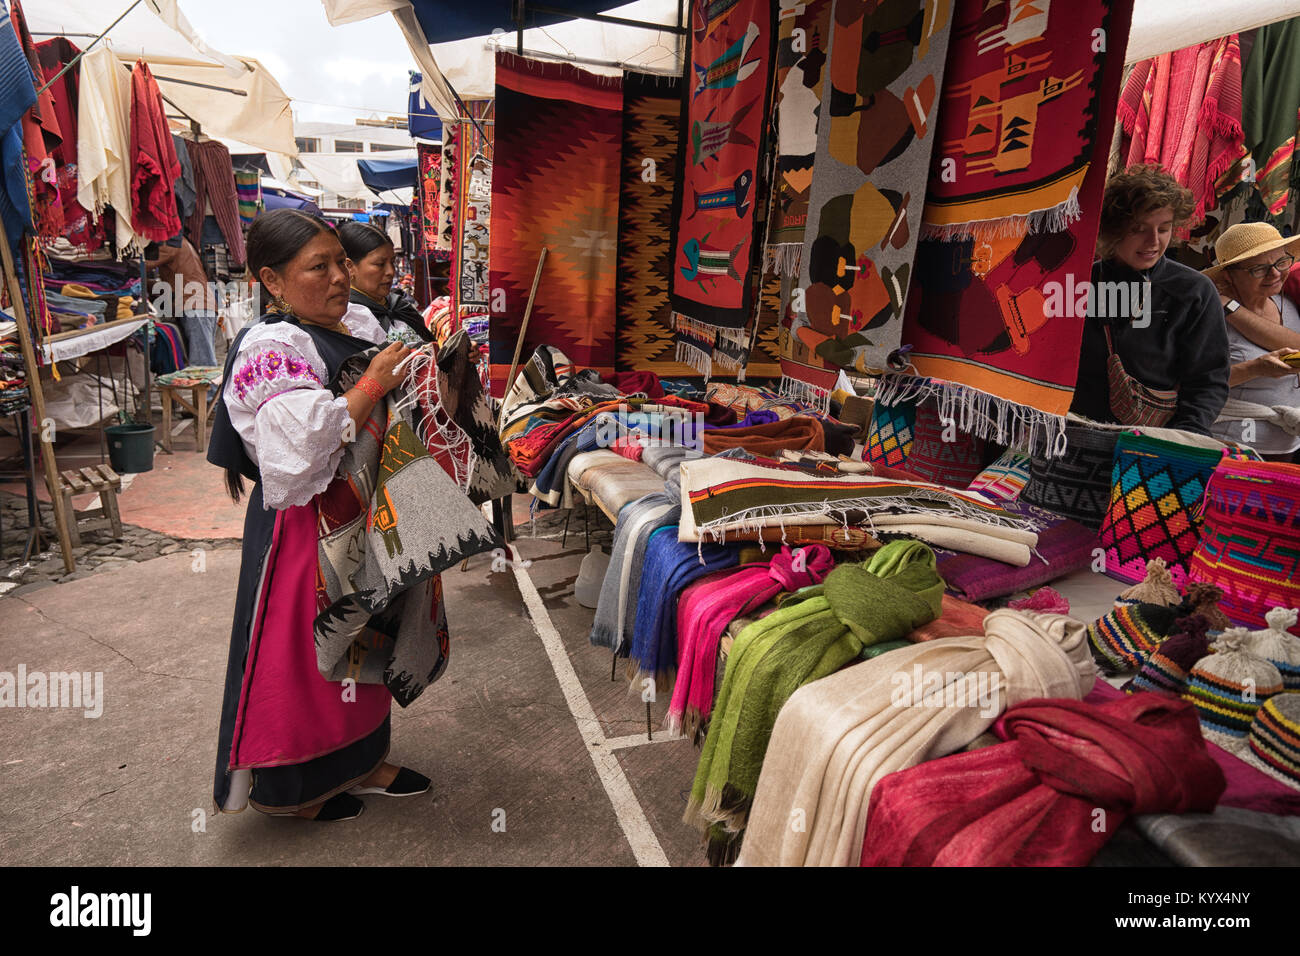 Otavalo, Ecuador - 13 Gennaio 2018: il mercato artigianale in Plaza de poncho è molto popolare con i turisti Immagini Stock